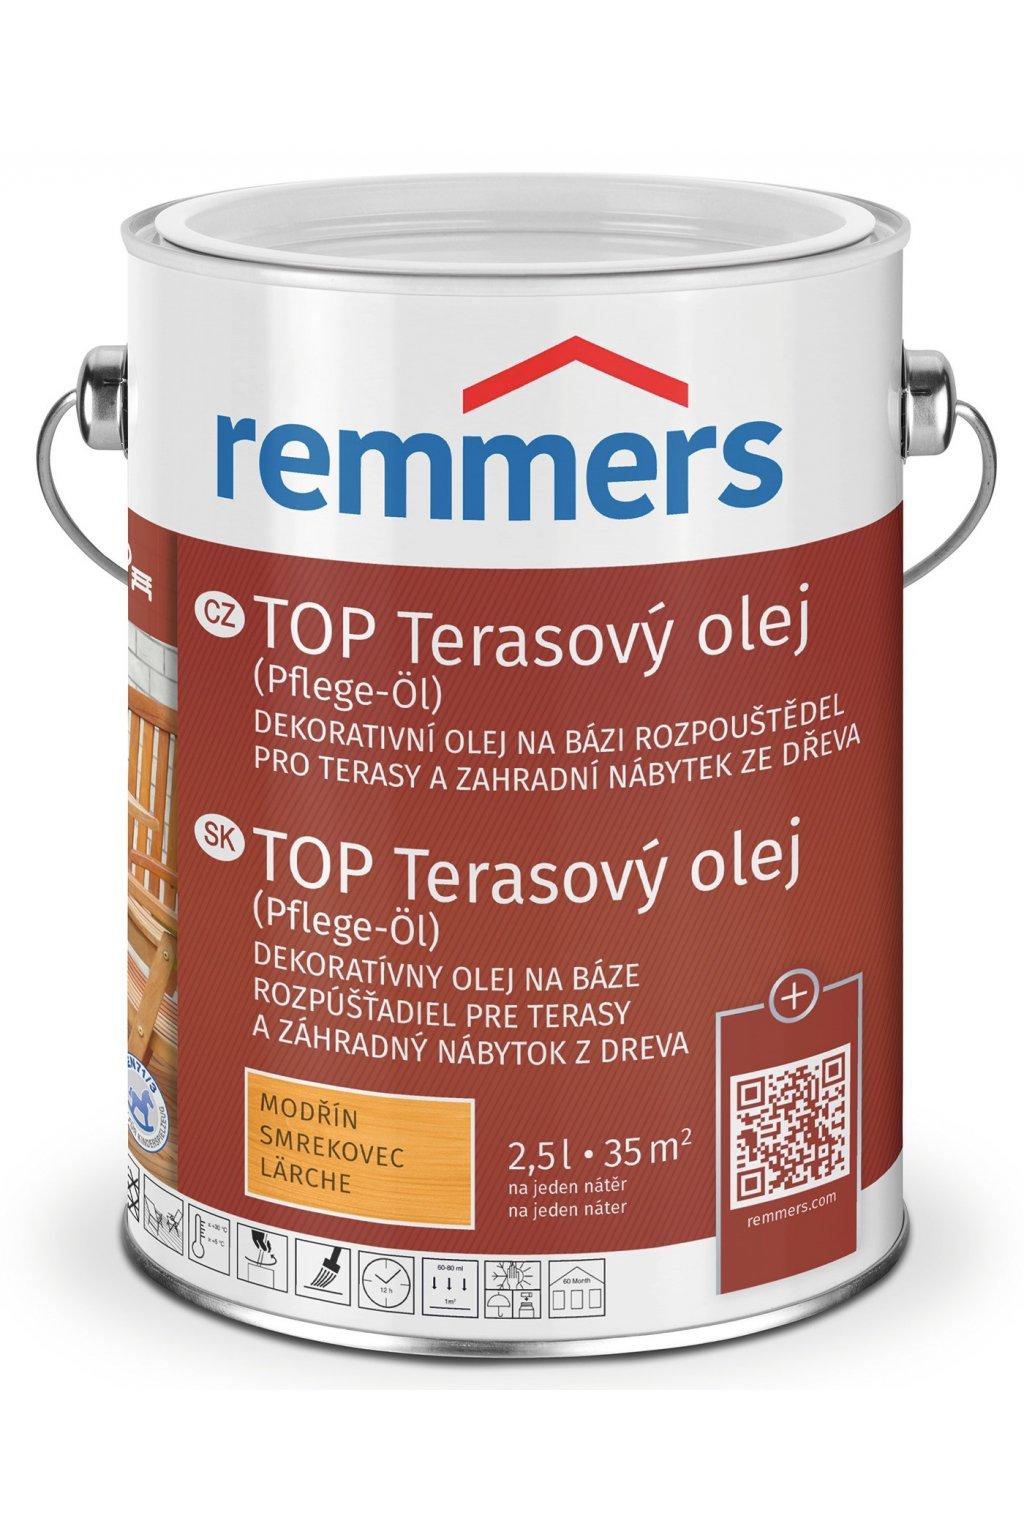 TOP terasový olej